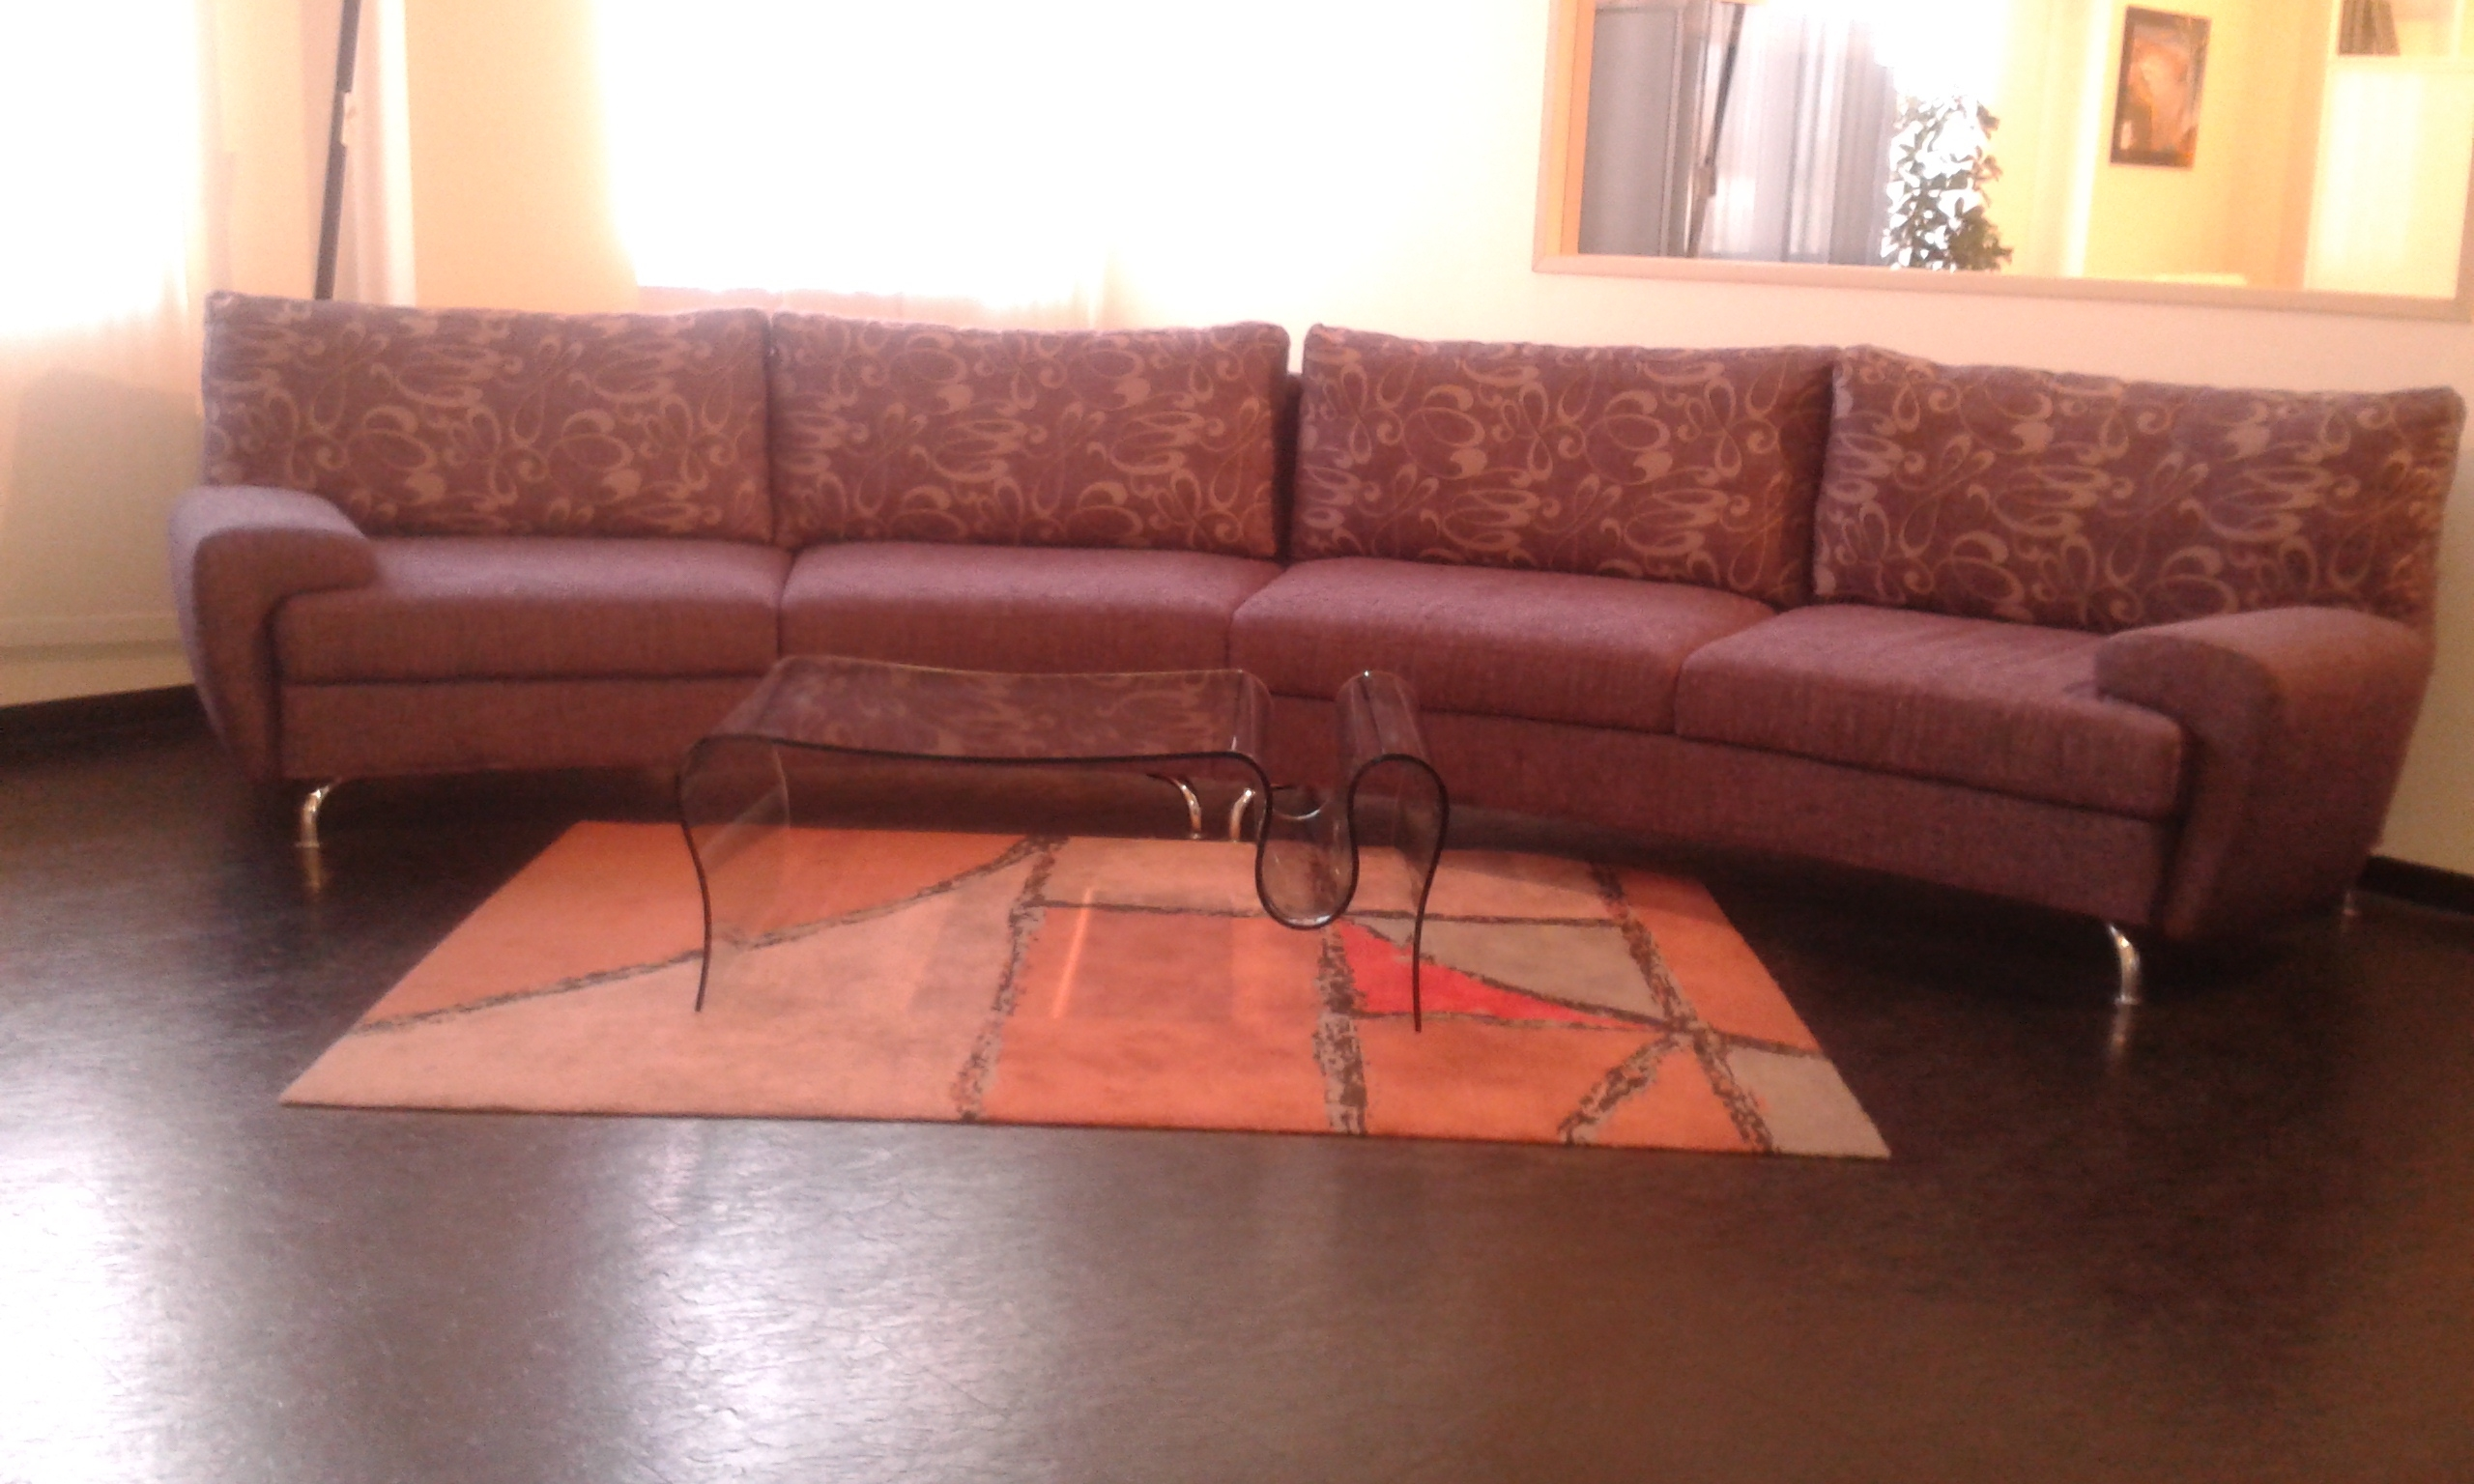 Divano di fusione macchiato 6 - Pulire divano pelle macchiato ...